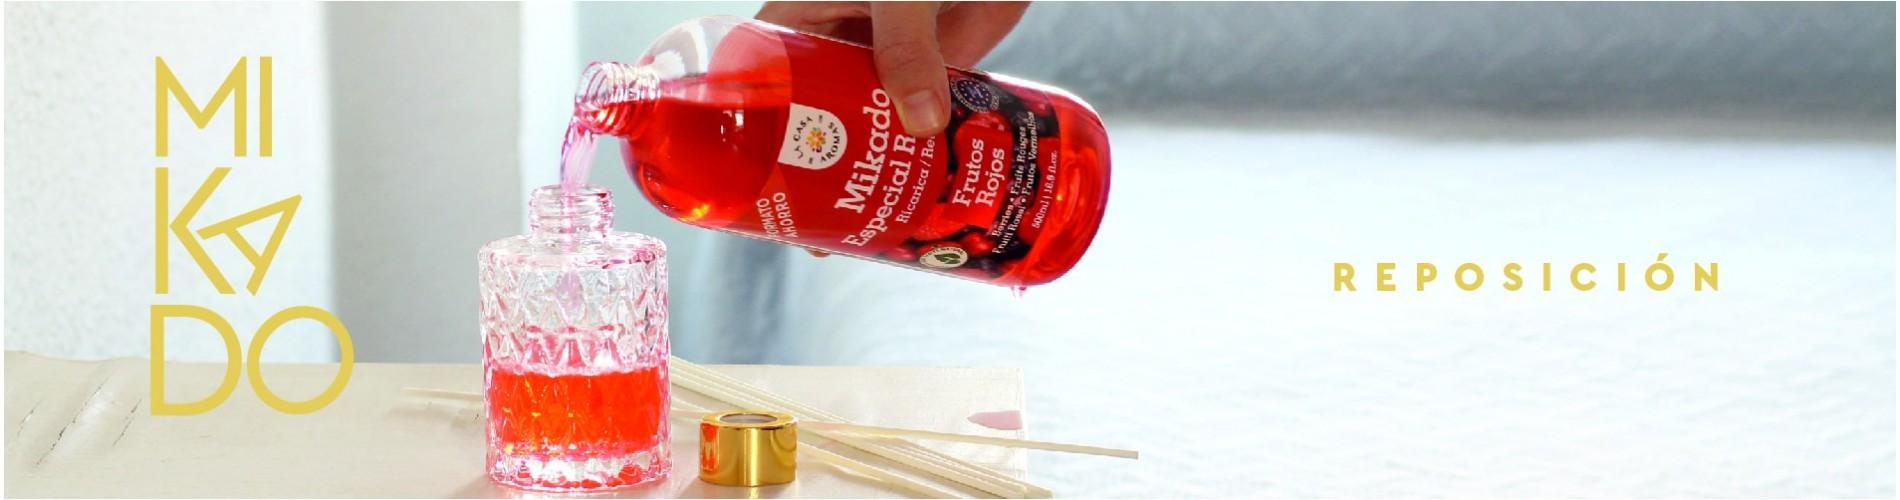 Mikado Reposición: Recarga tus envases con La Casa de los Aromas